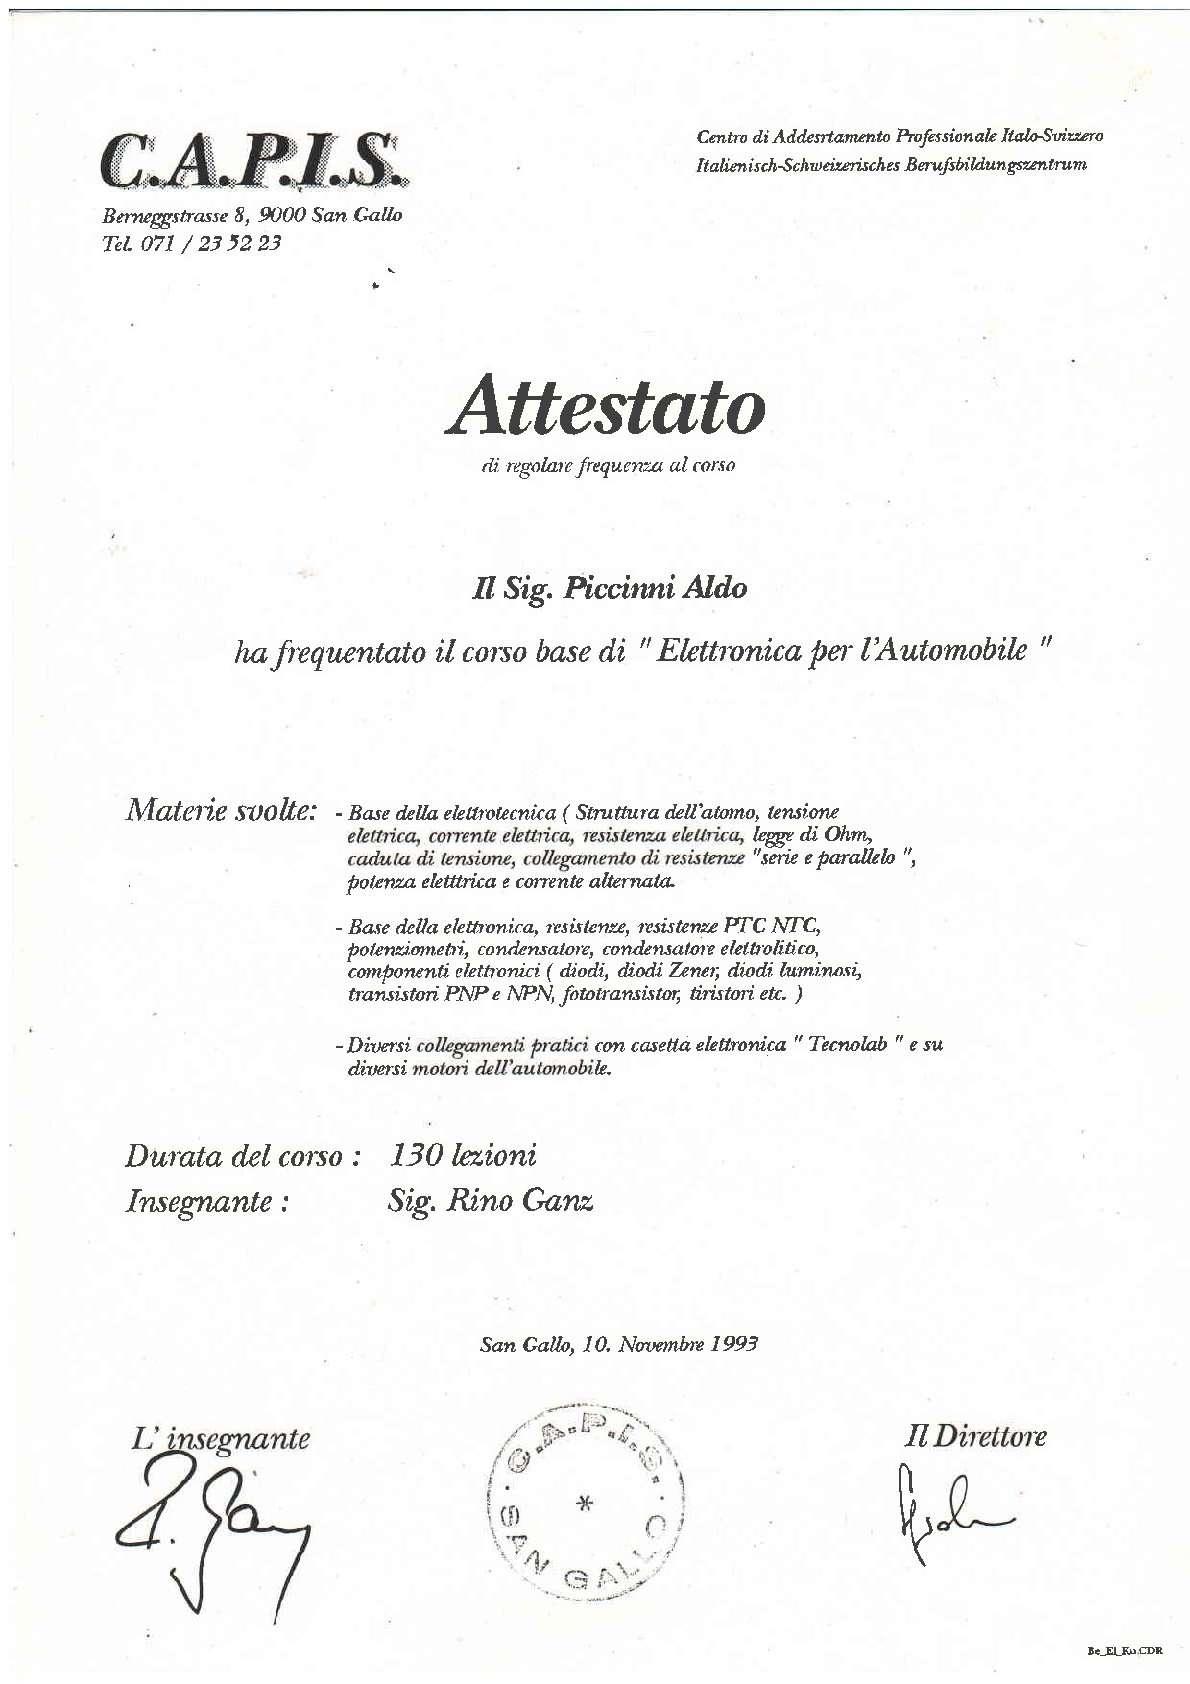 STORIAATTESATOELETTRONICA-001